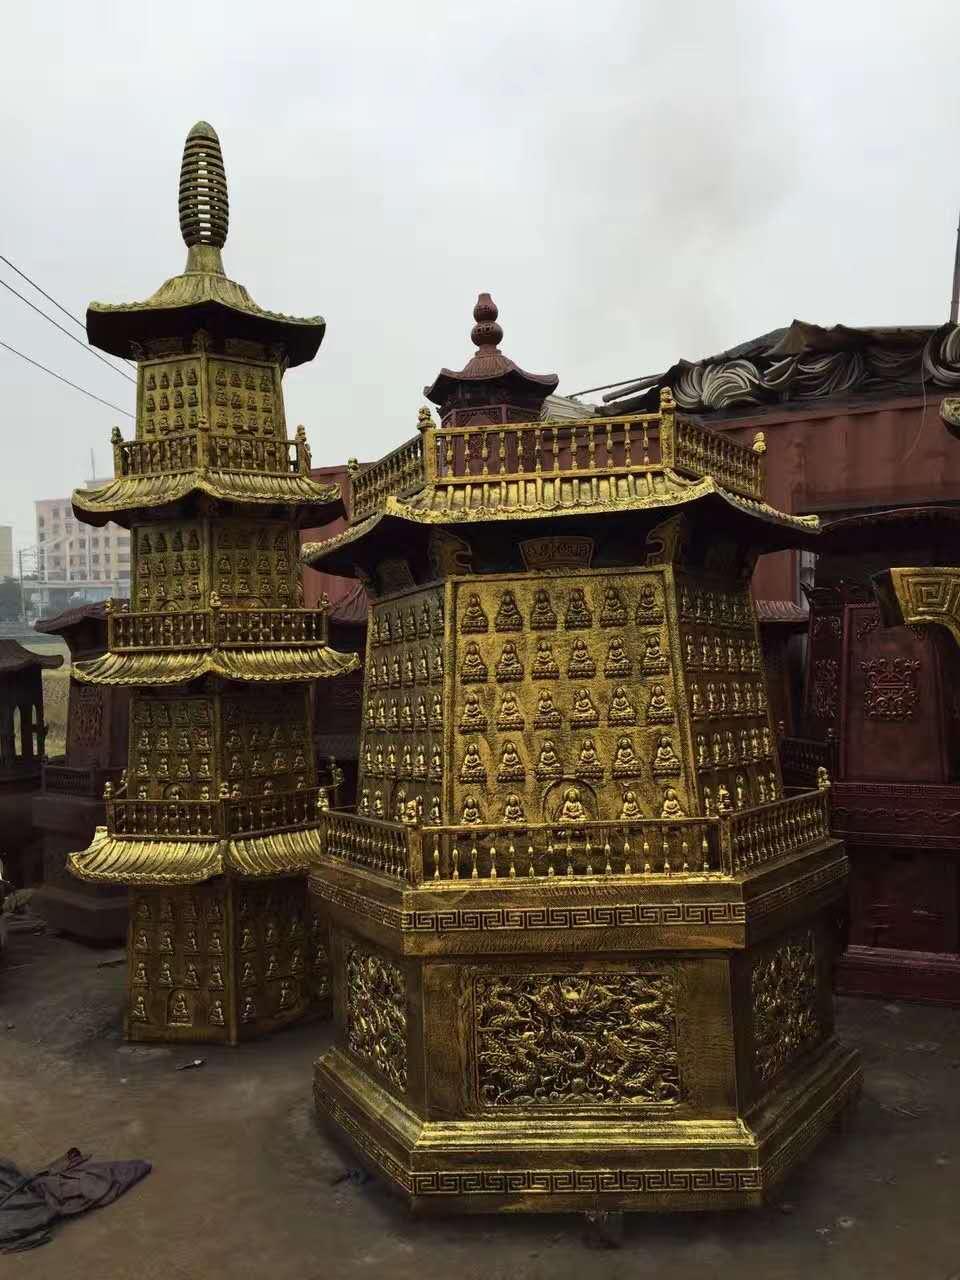 铜香炉 铜香炉摆件批发 生产铜香 铜香炉批发、焚纸炉